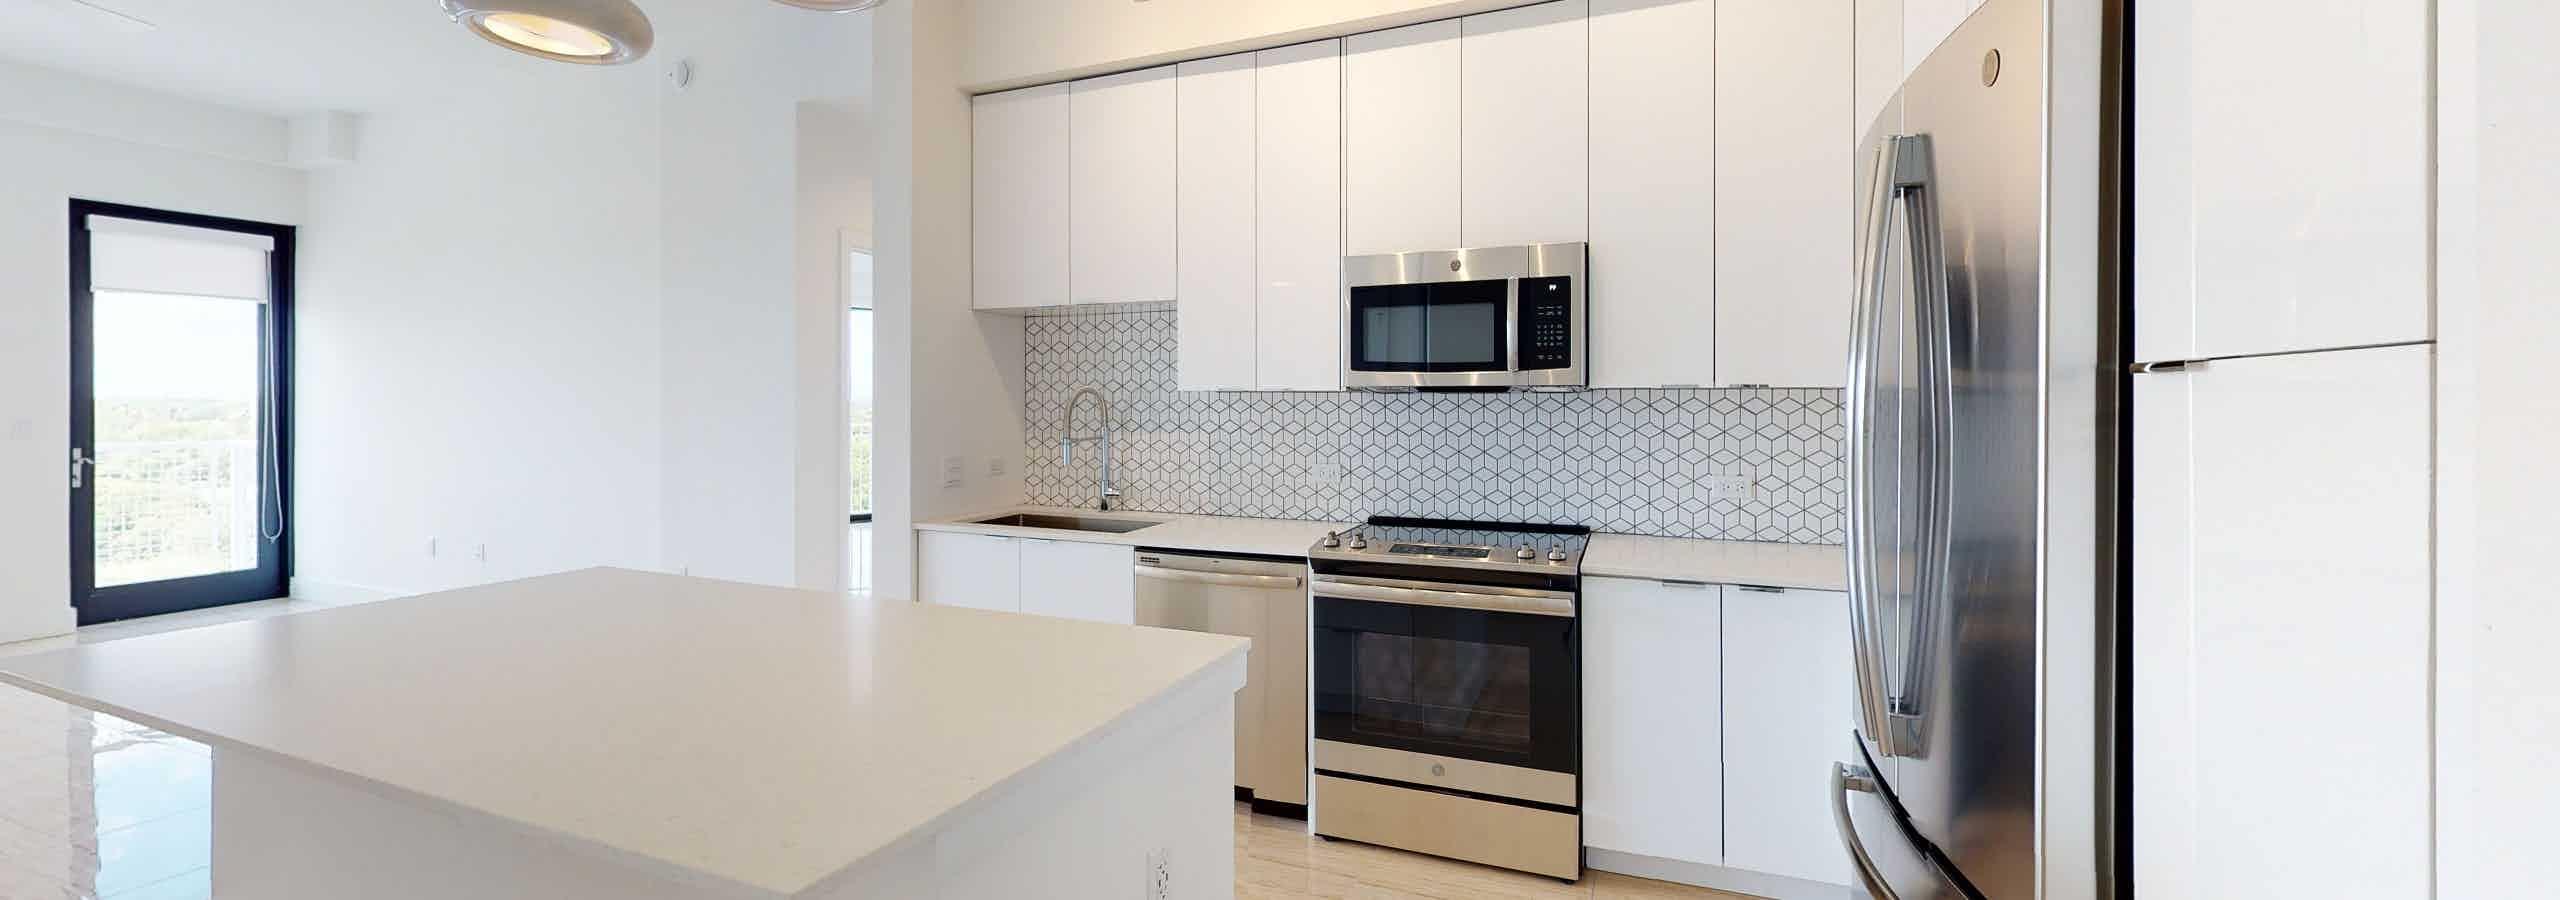 Island kitchen with designer tile backspash